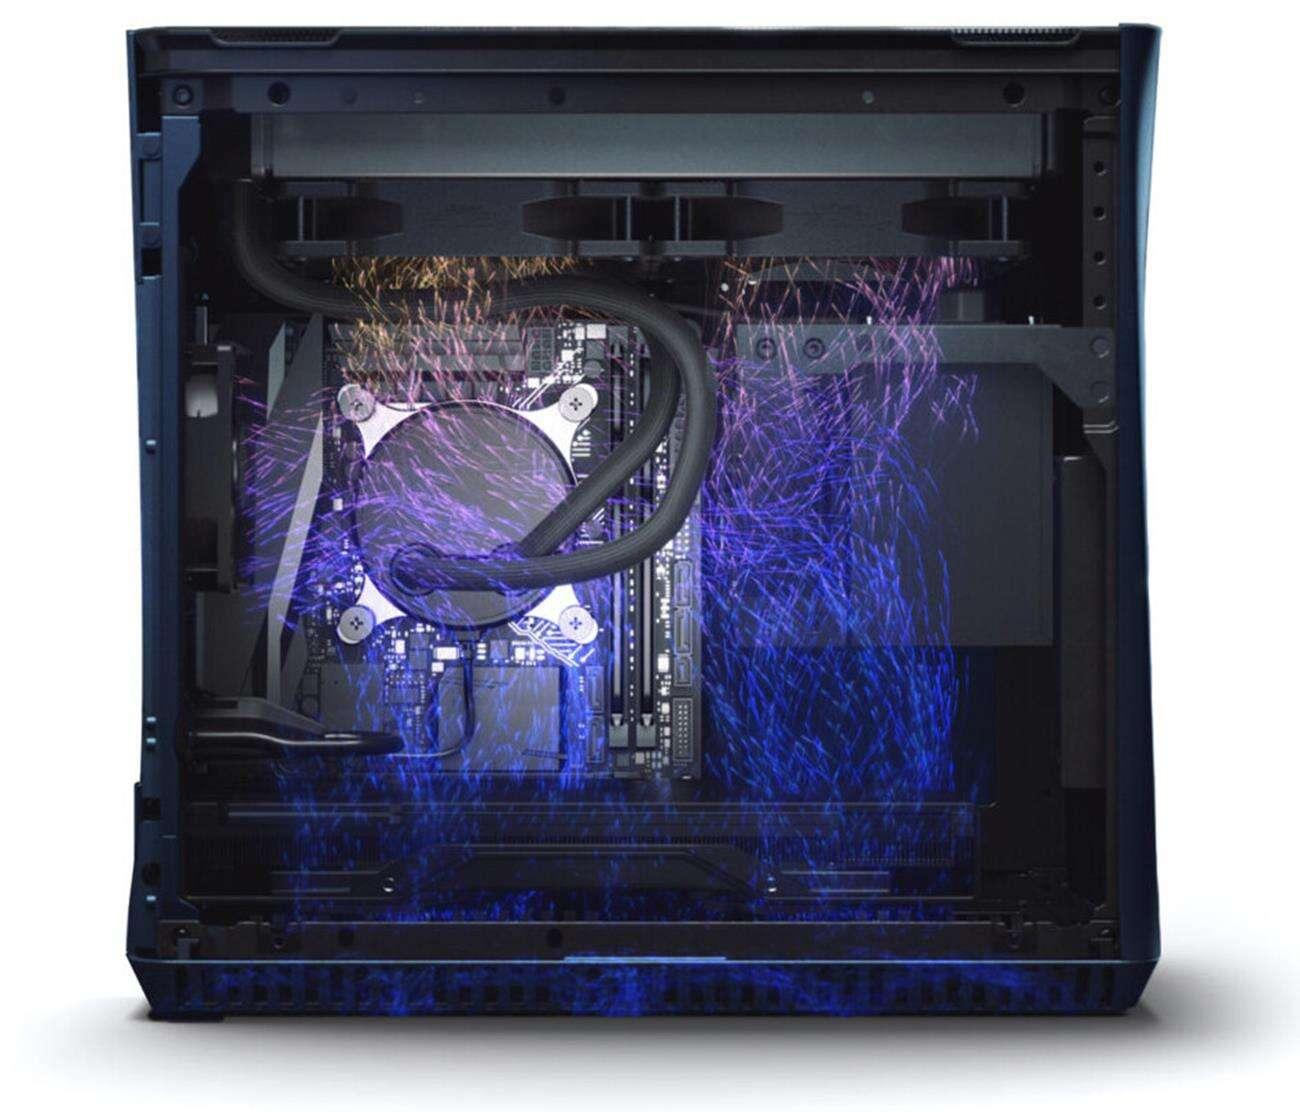 obudowa Era ITX, fractal design Era ITX, cena Era ITX